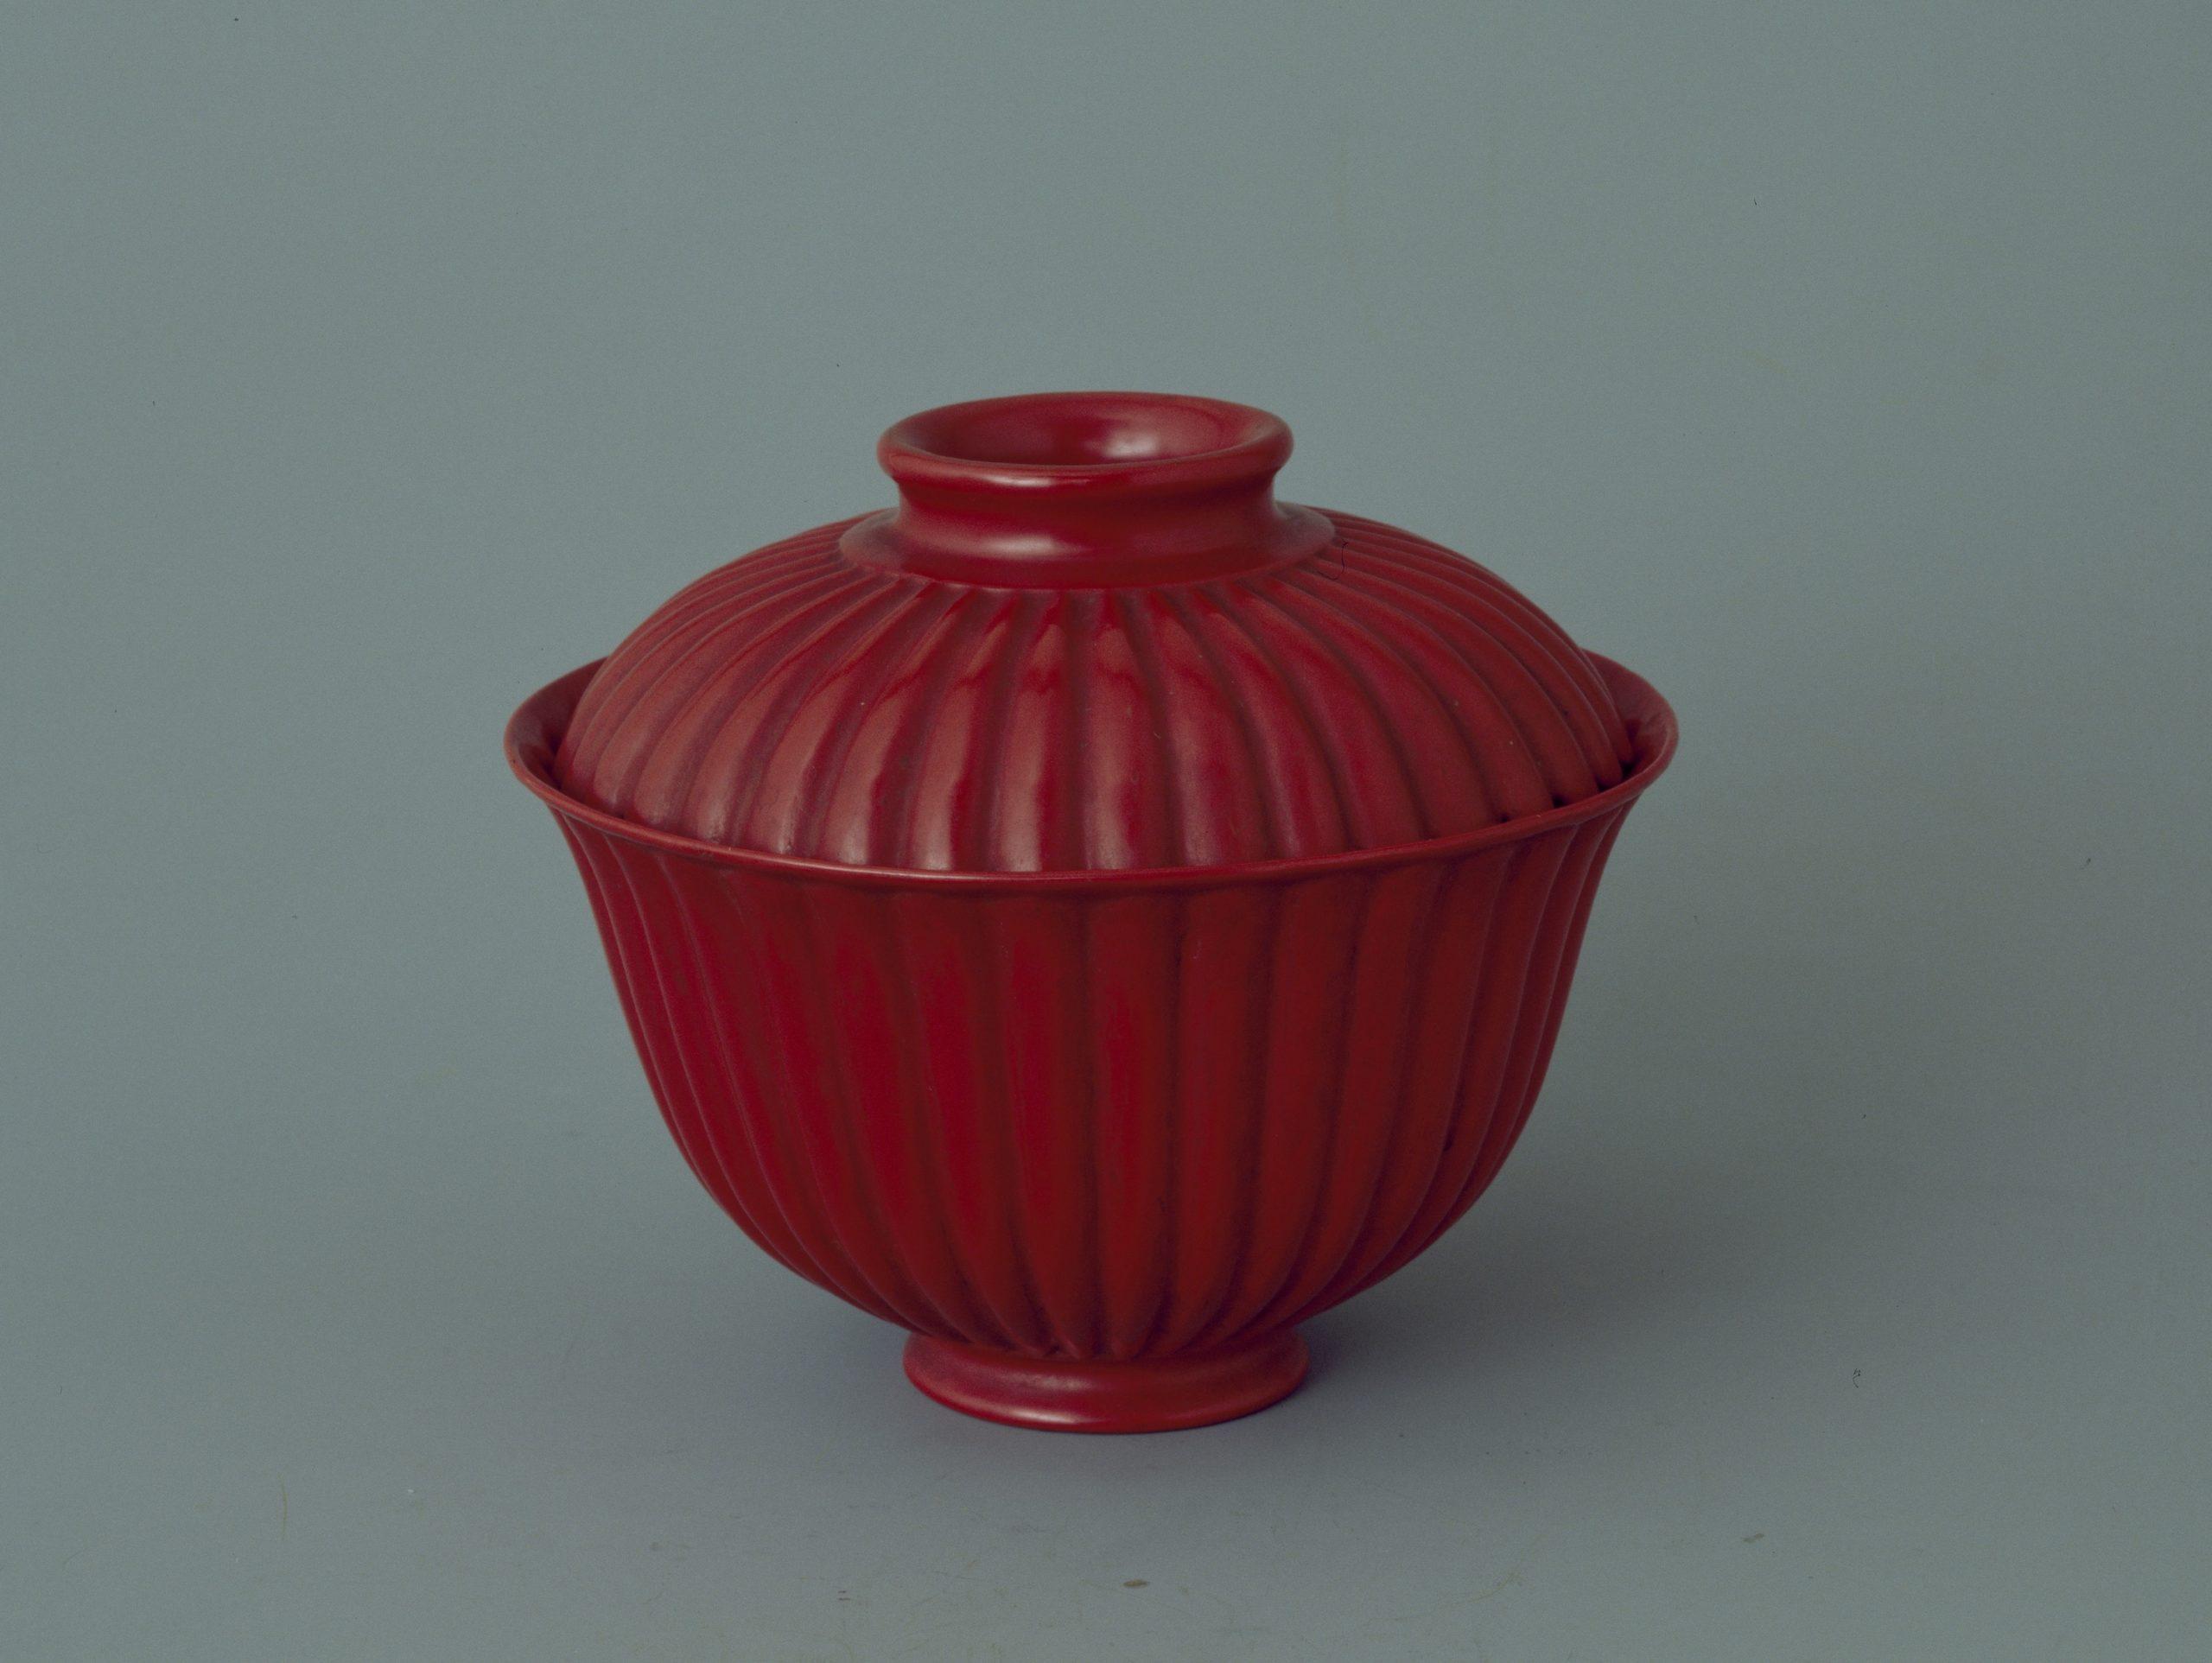 20.乾隆款菊瓣朱漆盖碗 Bol à couvercle gaiwan 盖碗 en porcelaine rouge orné de pétales de chrysanthème